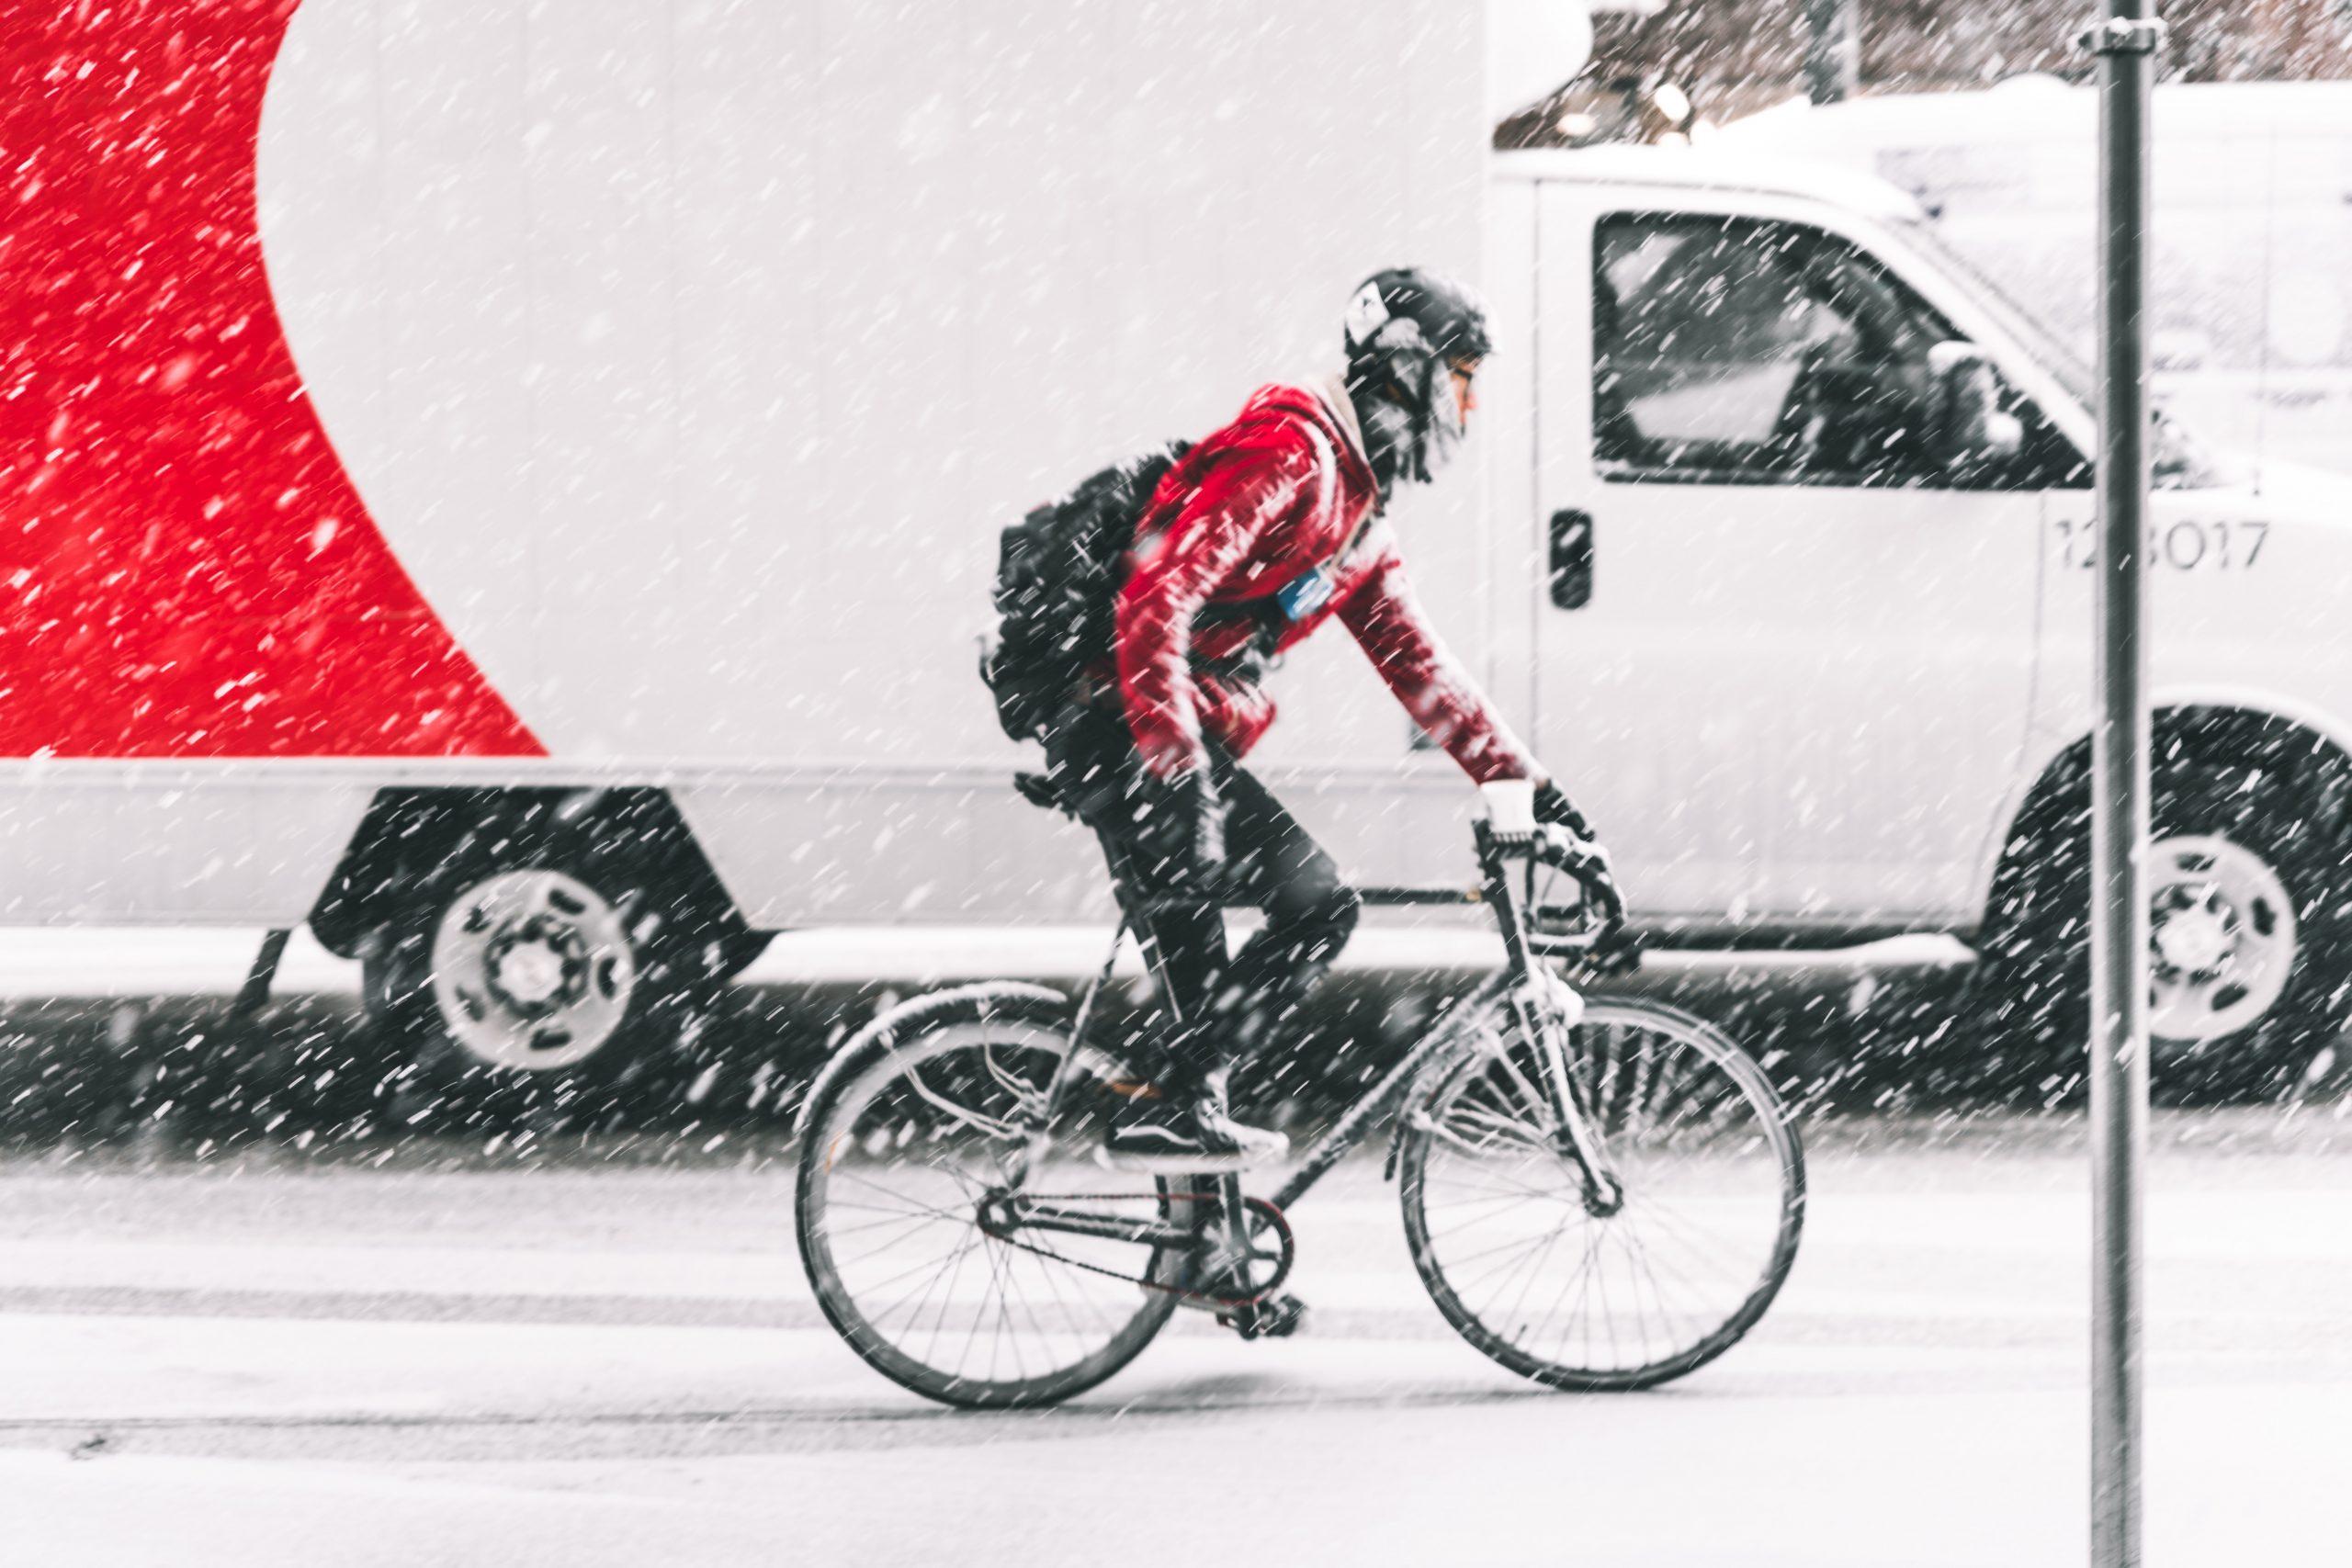 Testbericht warme Winter Radschuhe - Warme Winter Rennradschuhe im Vergleichstest: Wir haben verschiedene Modelle mit unterschiedlichem Preis-Leistungs-Verhältnis getestet. Welche sind die besten Winter Radschuhe?